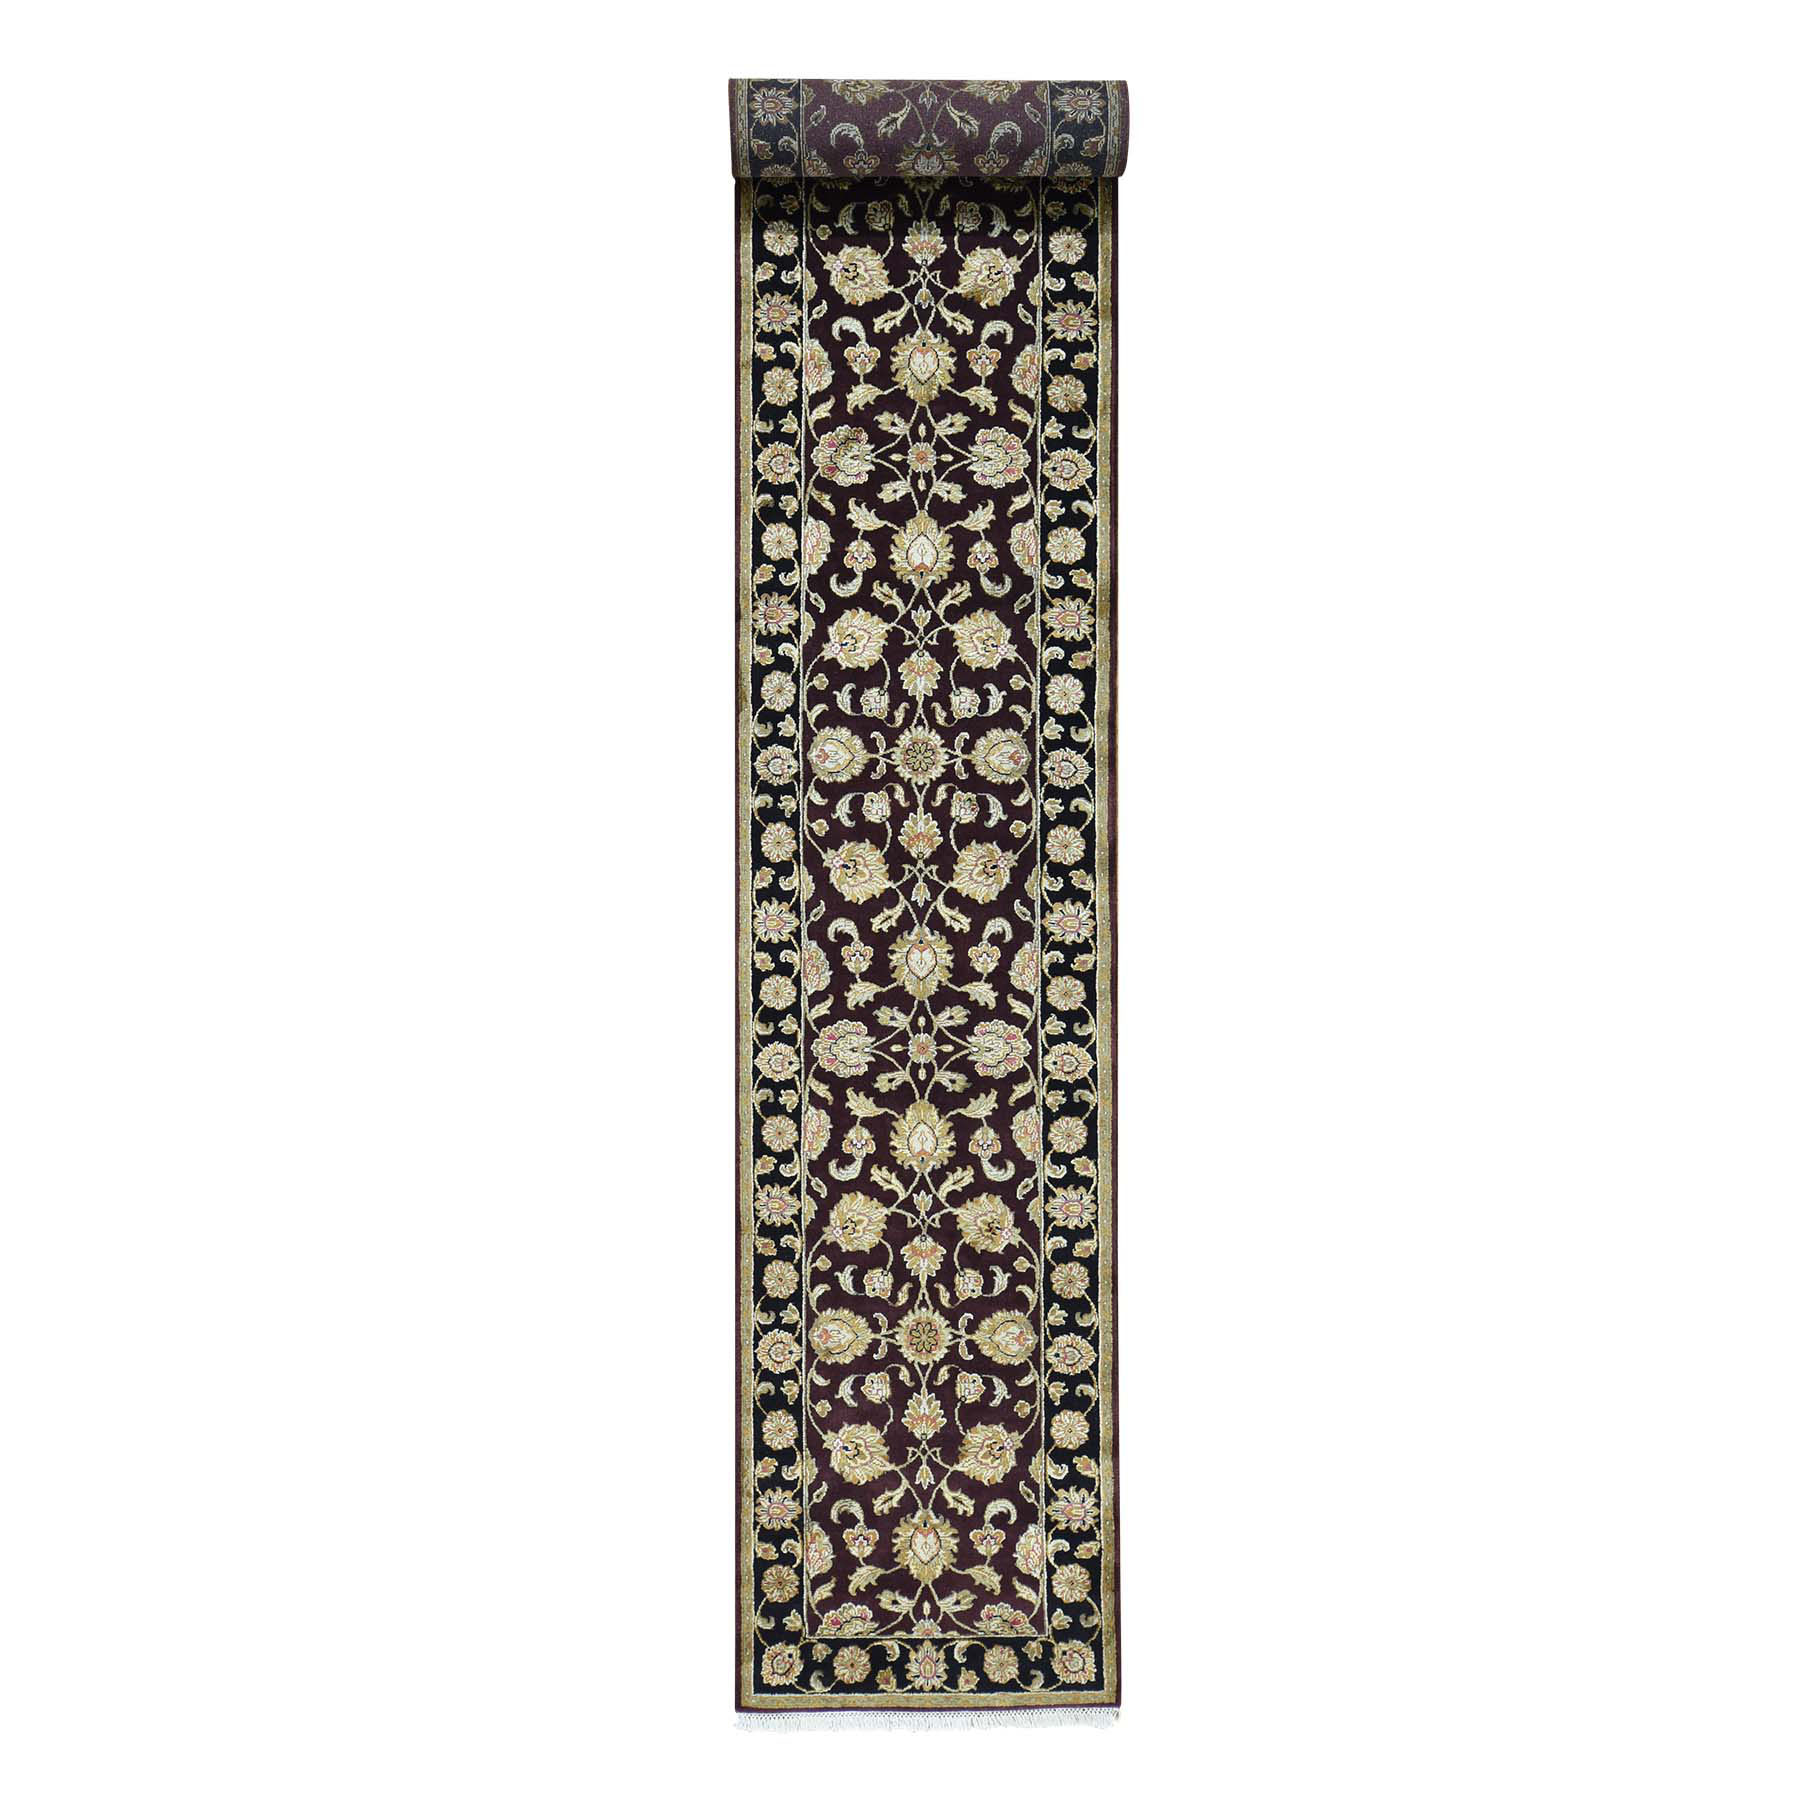 """2'6""""X16'3"""" Handmade Half Wool Half Silk Burgundy Rajasthan Xl Runner Rug moacbcc9"""